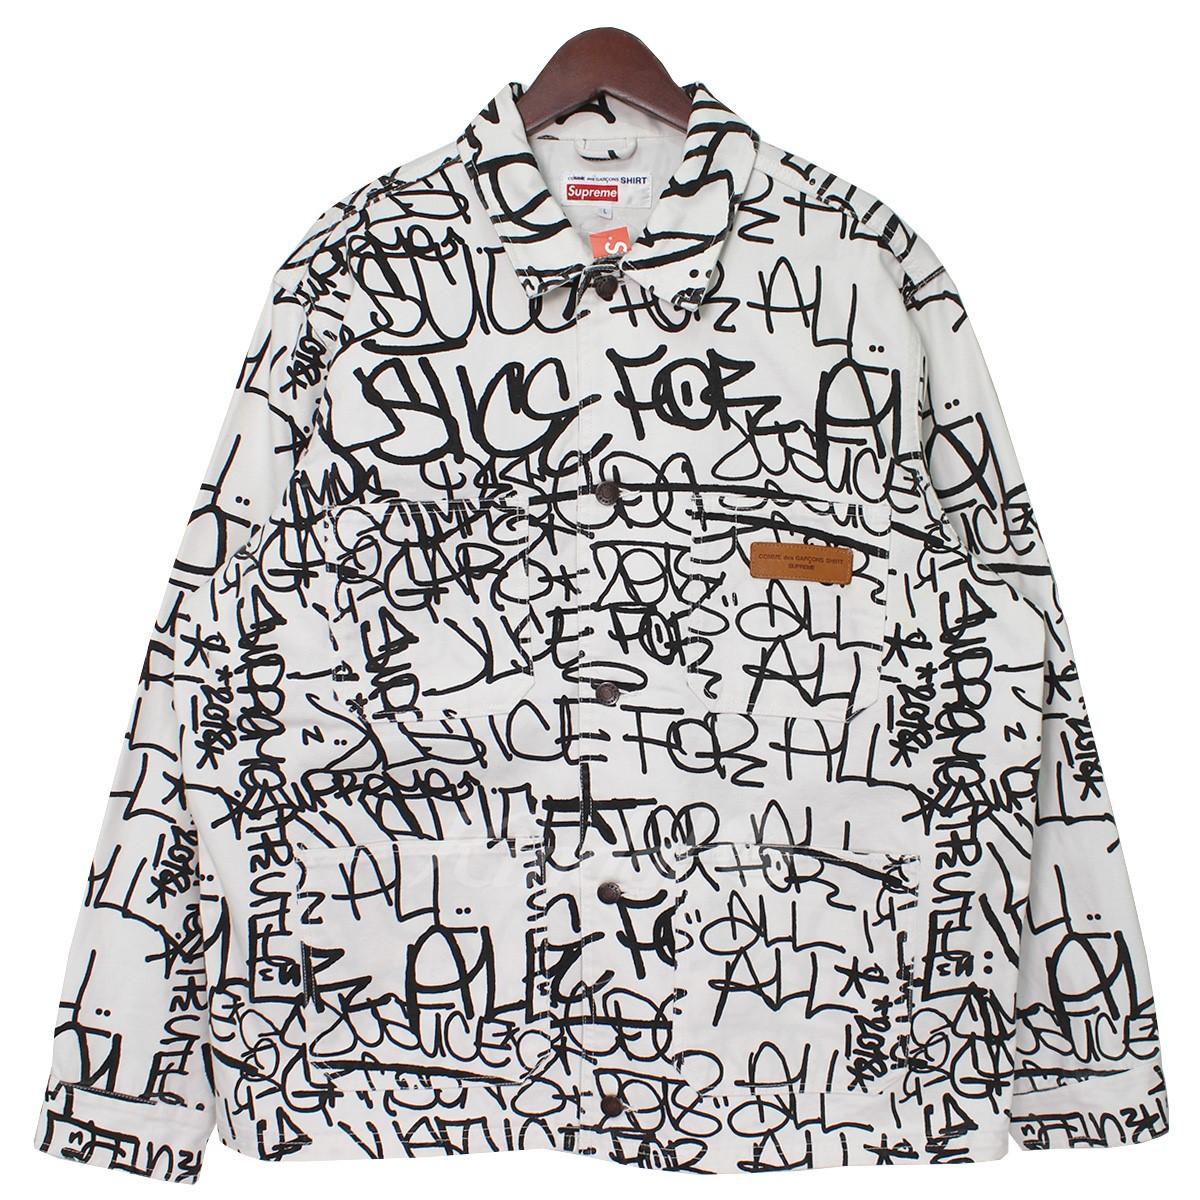 【中古】Supreme × COMME des GARCONS SHIRT 18AW Printed Canvas Chore Coat 総柄キャンバスカバーオール 【送料無料】 【008487】 【KJ1645】